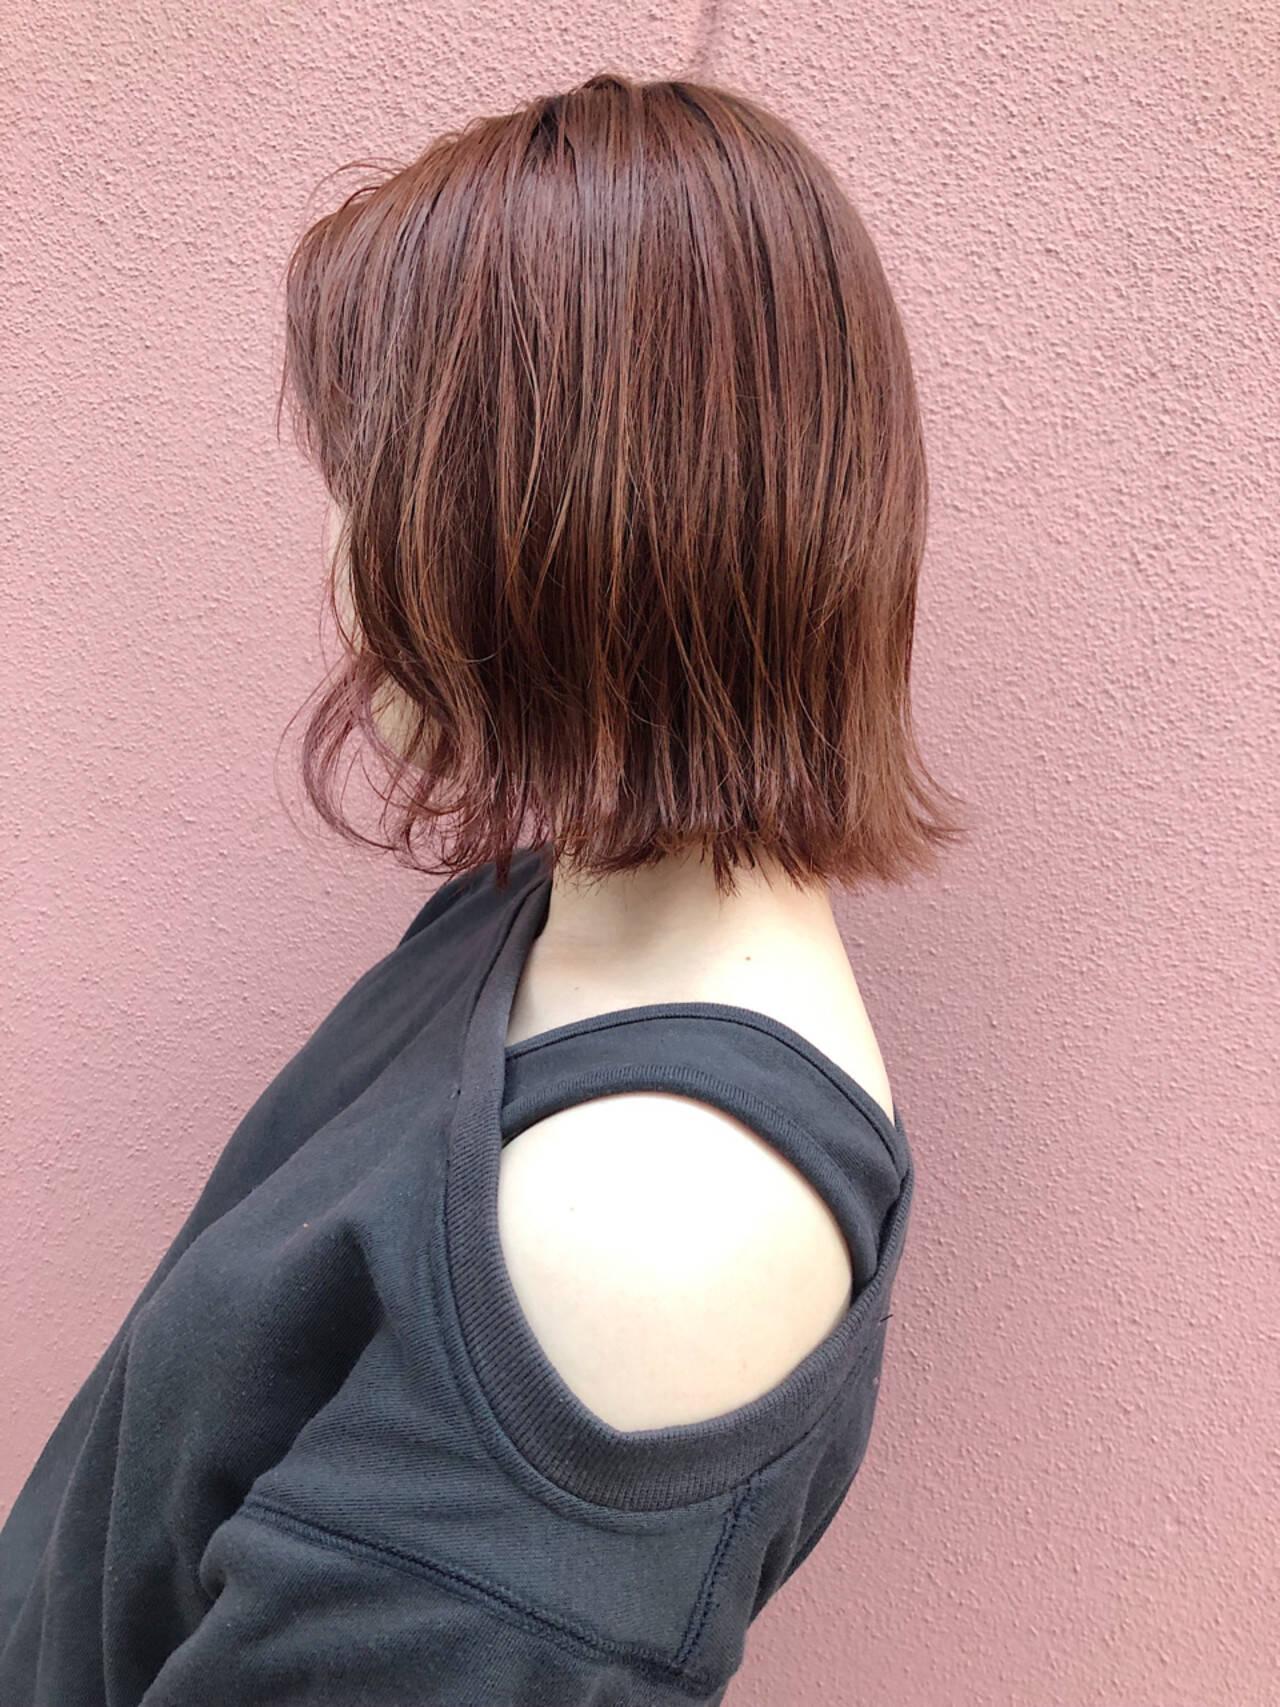 アンニュイほつれヘア ボブ 外ハネボブ オレンジベージュヘアスタイルや髪型の写真・画像